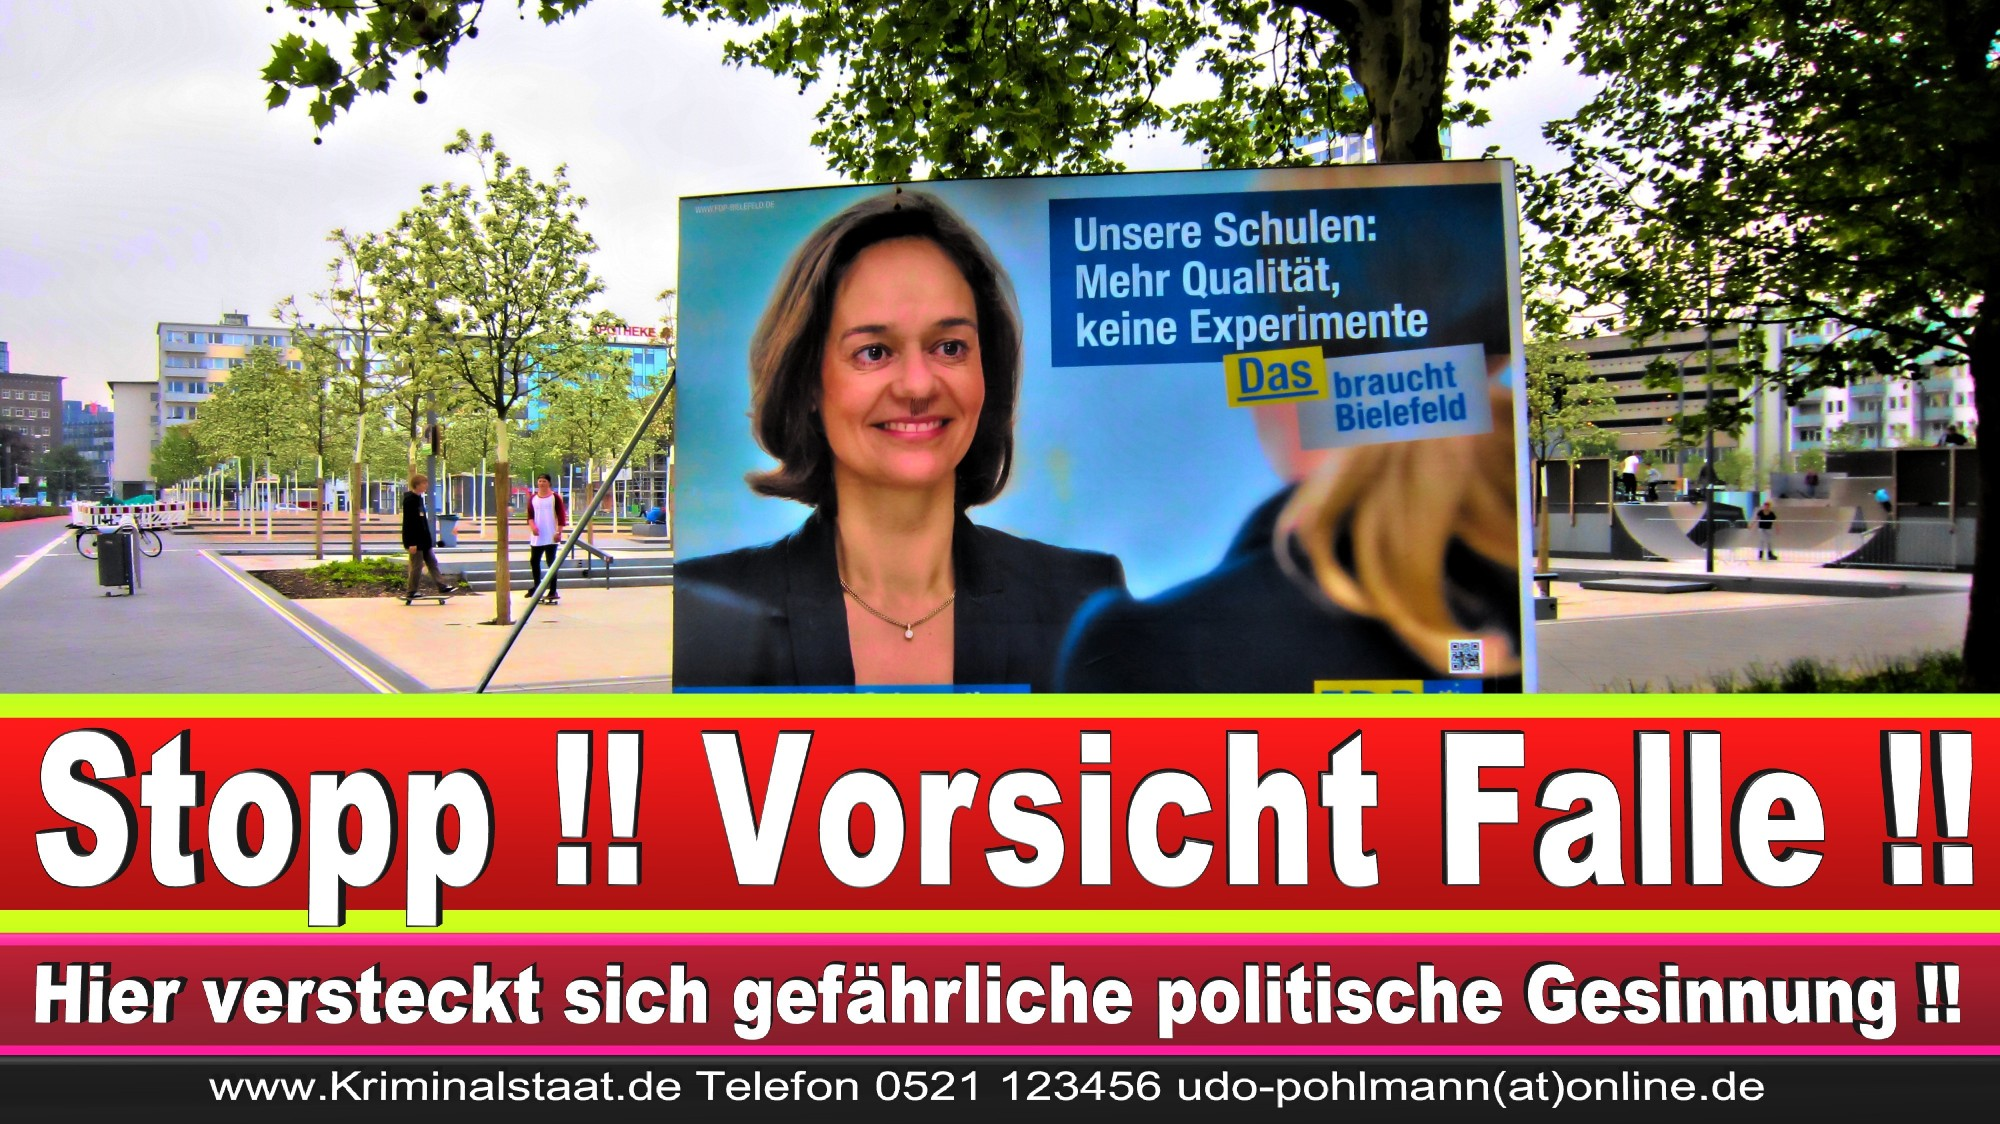 Wahlwerbung Wahlplakate Landtagswahl 2019 Europawahl CDU SPD FDP 2021 (119)